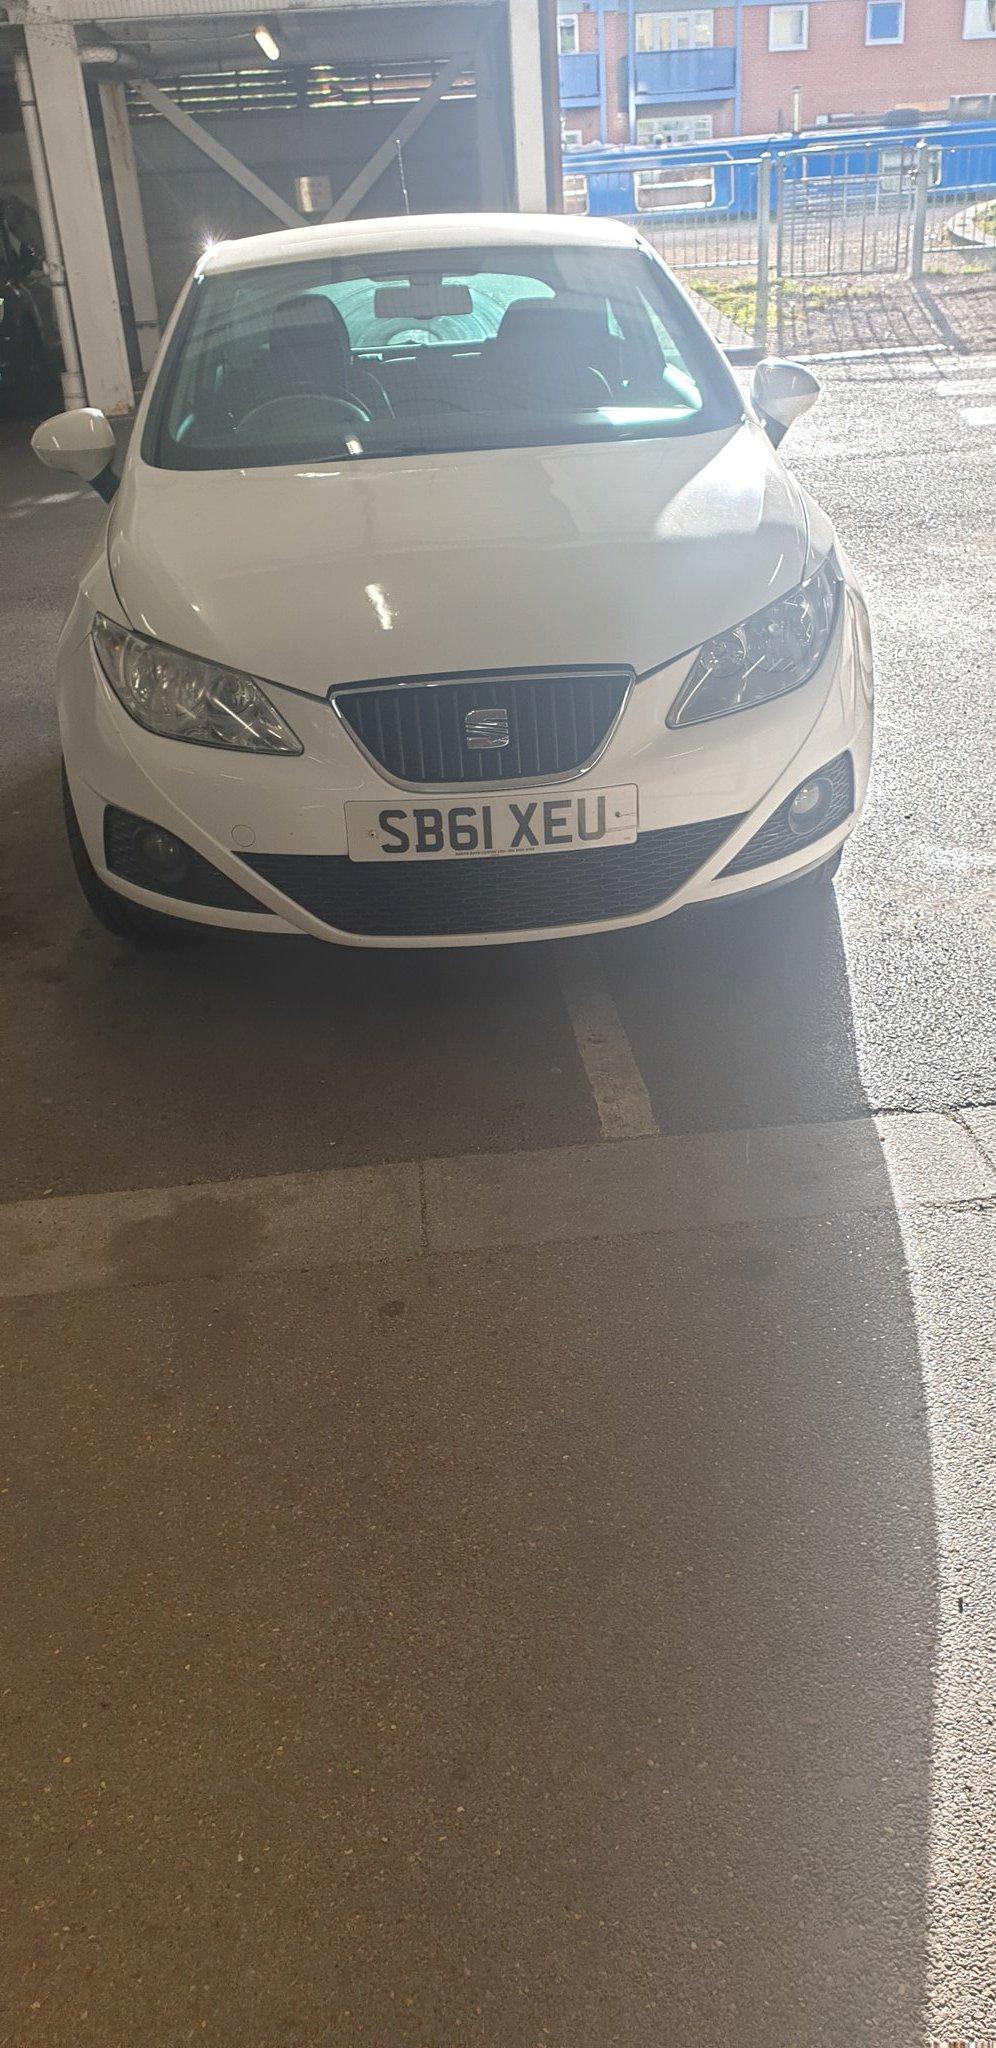 SB61 XEU displaying Selfish Parking